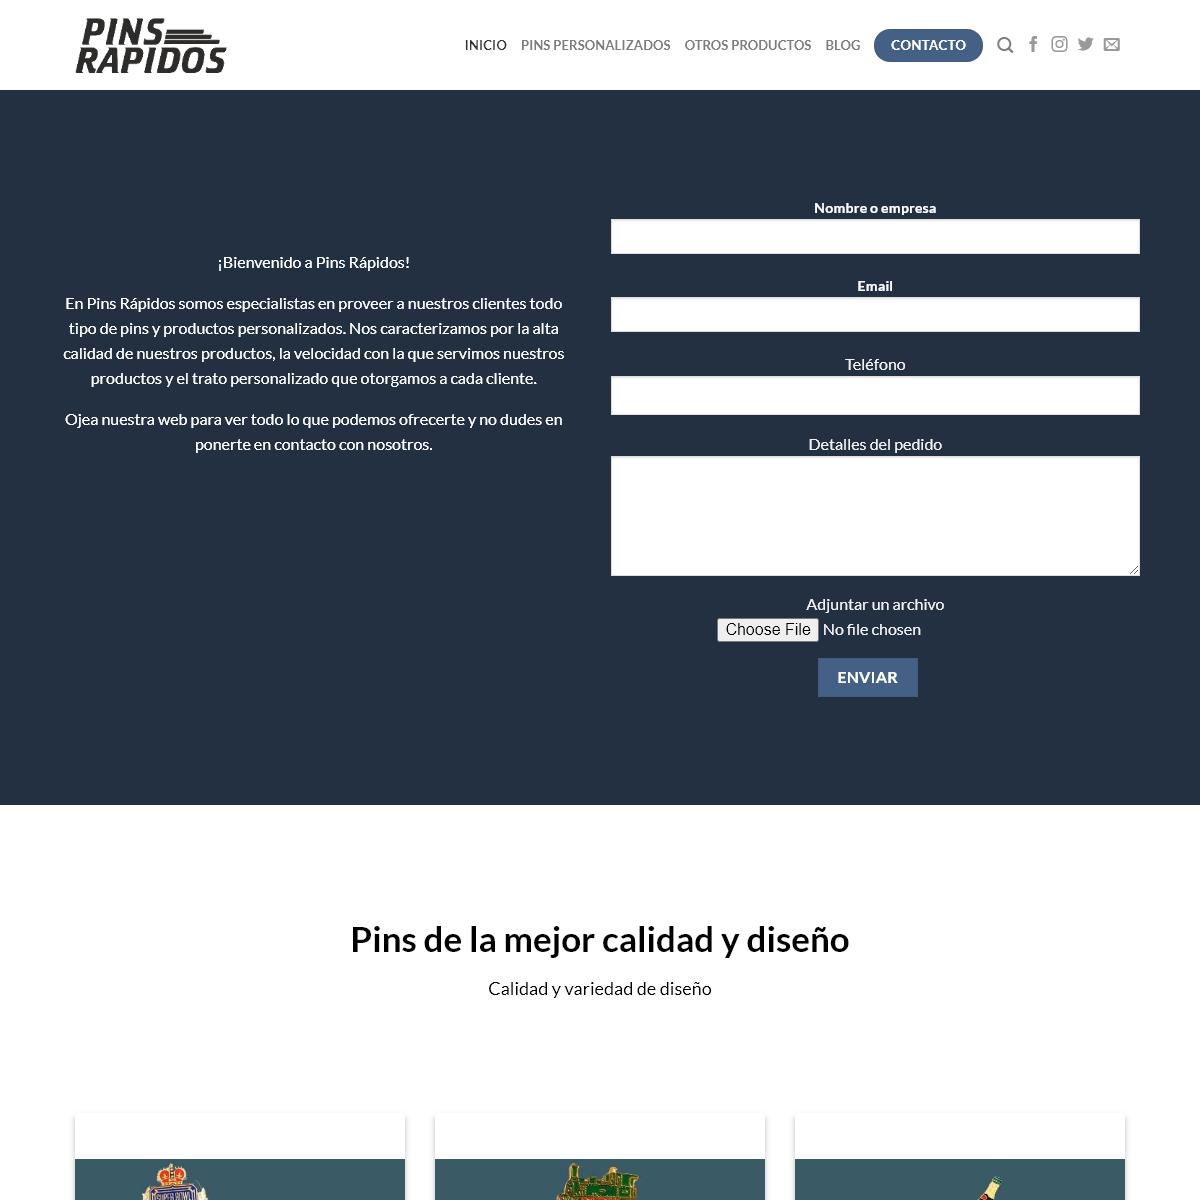 Pins personalizados y productos publicitarios en Pinsrapidos